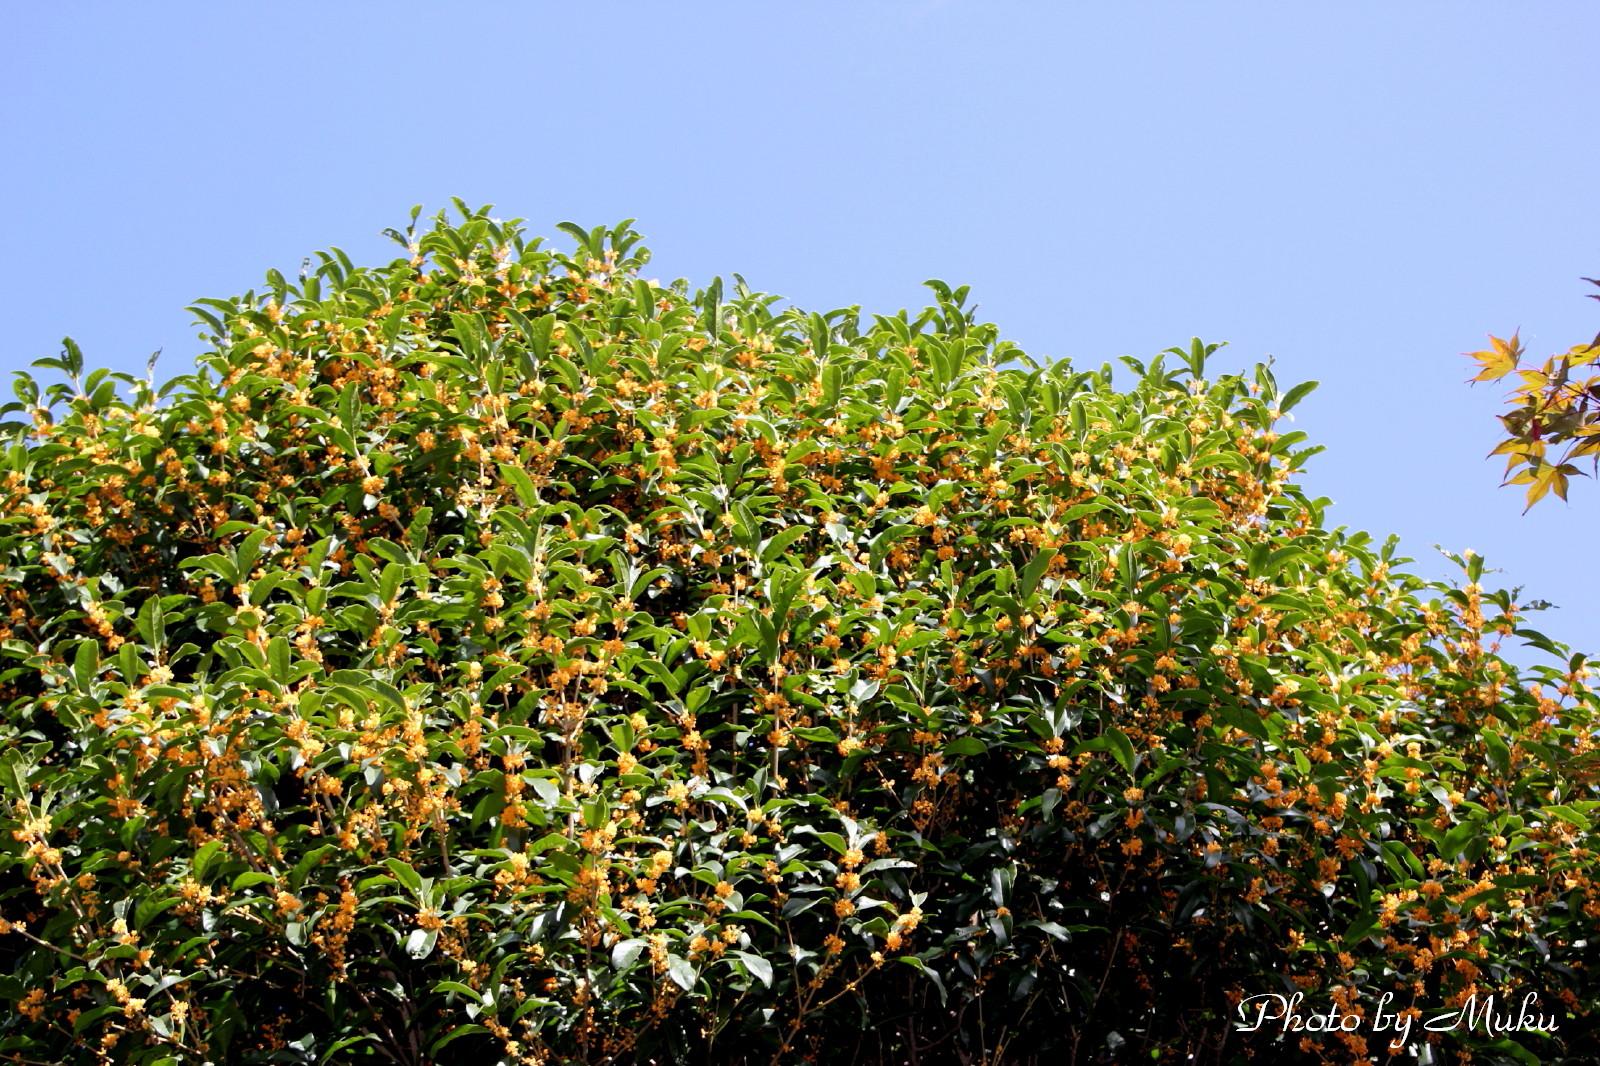 2014.9.28 金木犀 (浦賀:神奈川県横須賀市)